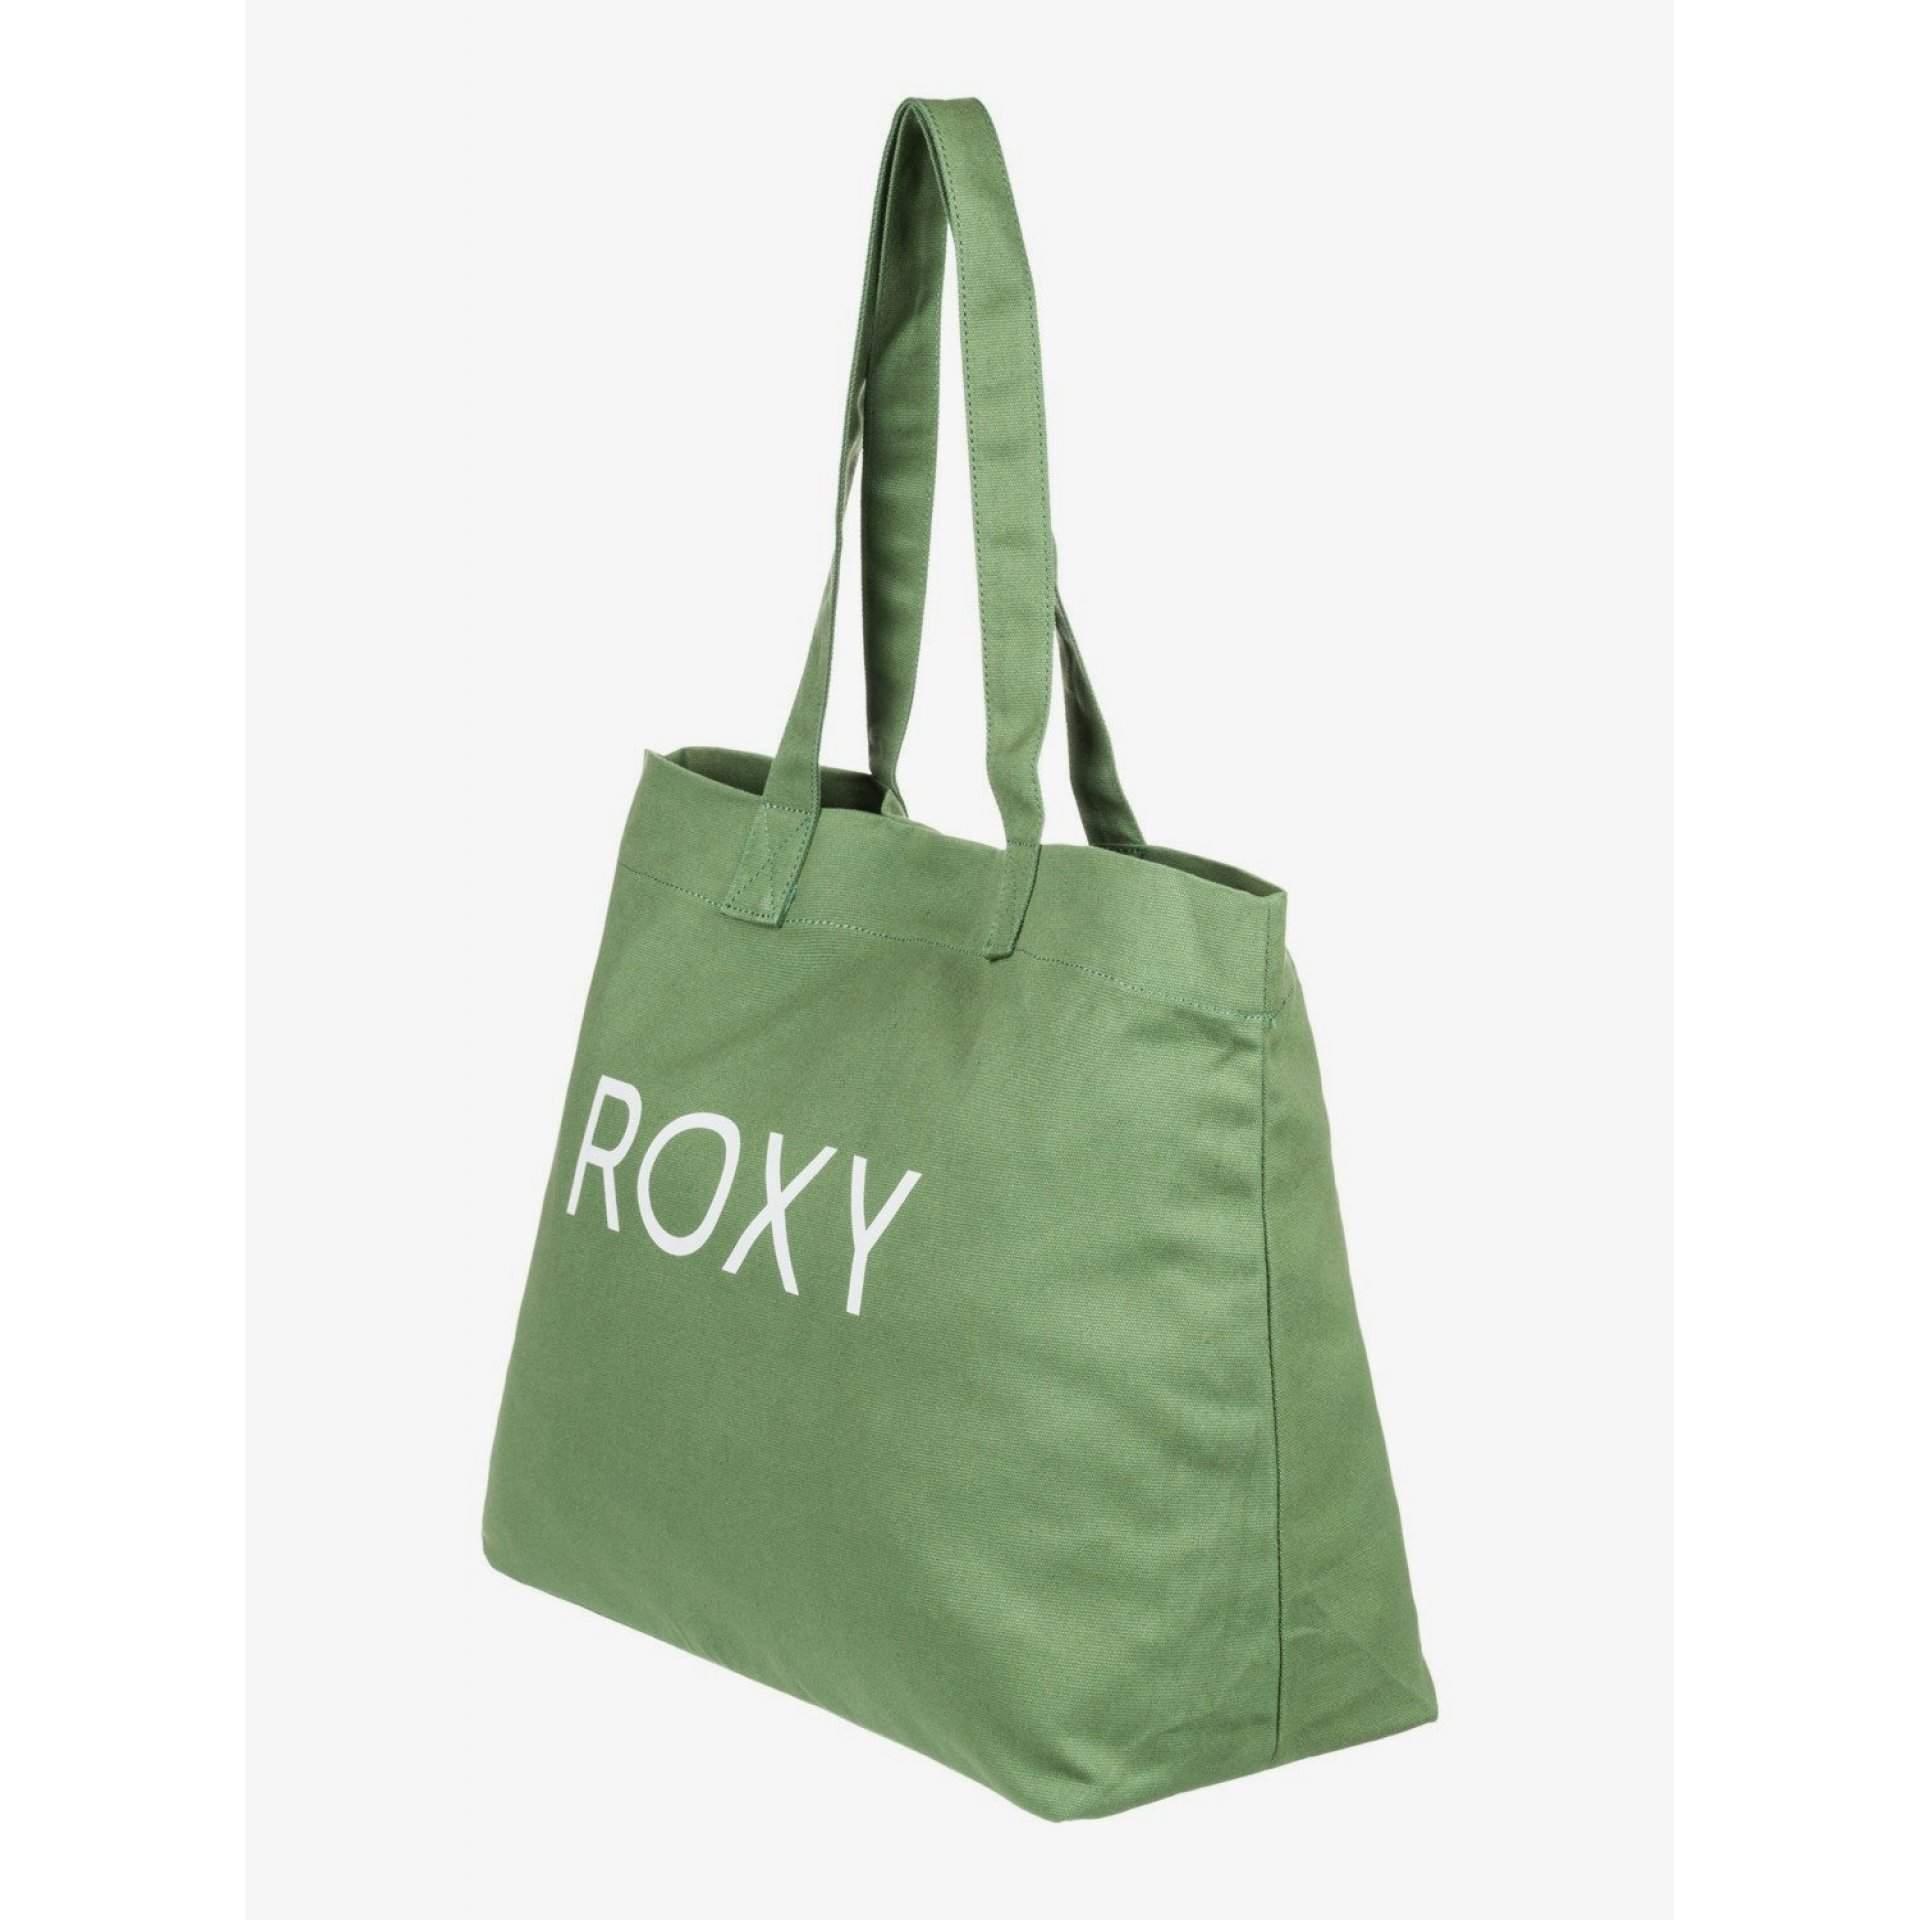 TOREBKA ROXY GO FOR IT ERJBT03236 GNT0 BOK